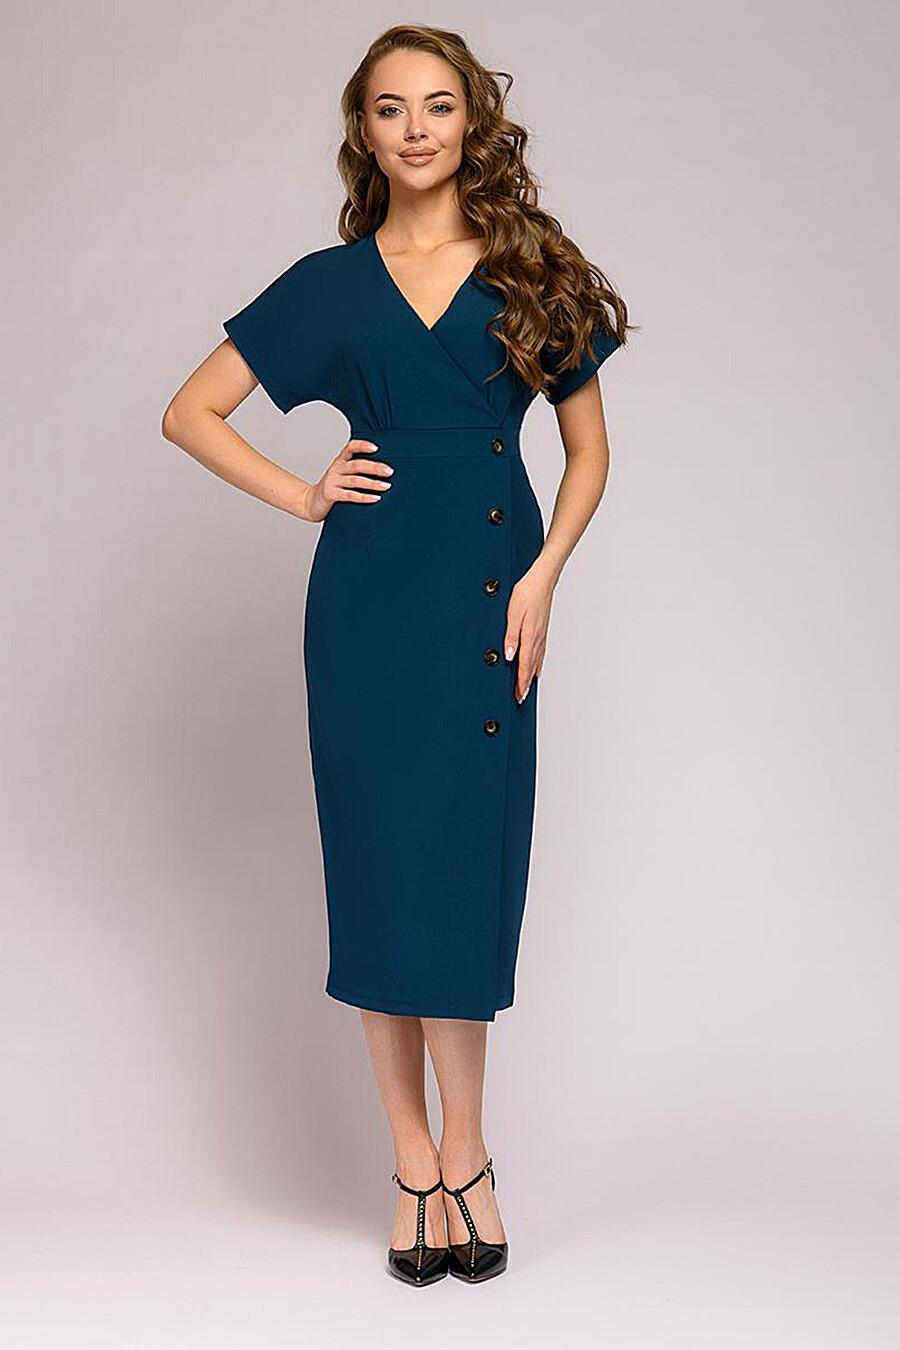 Платье для женщин 1001 DRESS 181013 купить оптом от производителя. Совместная покупка женской одежды в OptMoyo